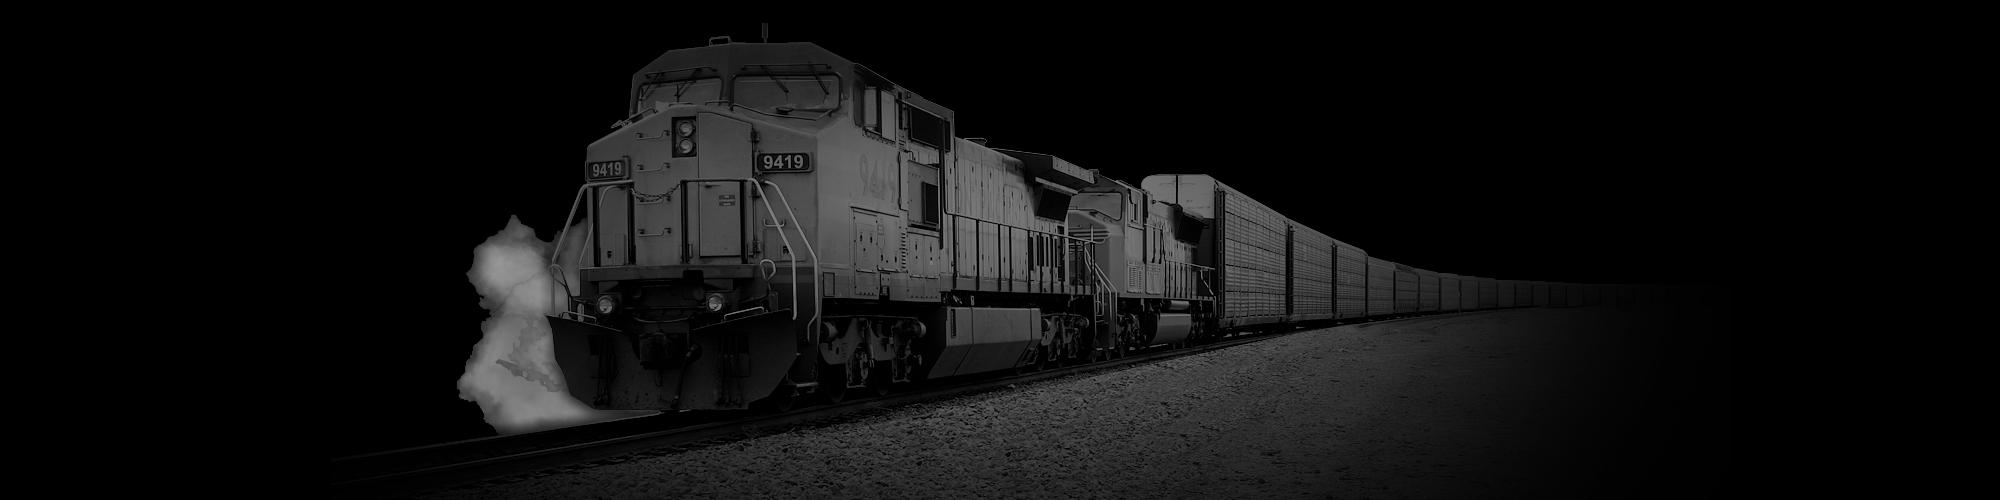 Rail Foreground